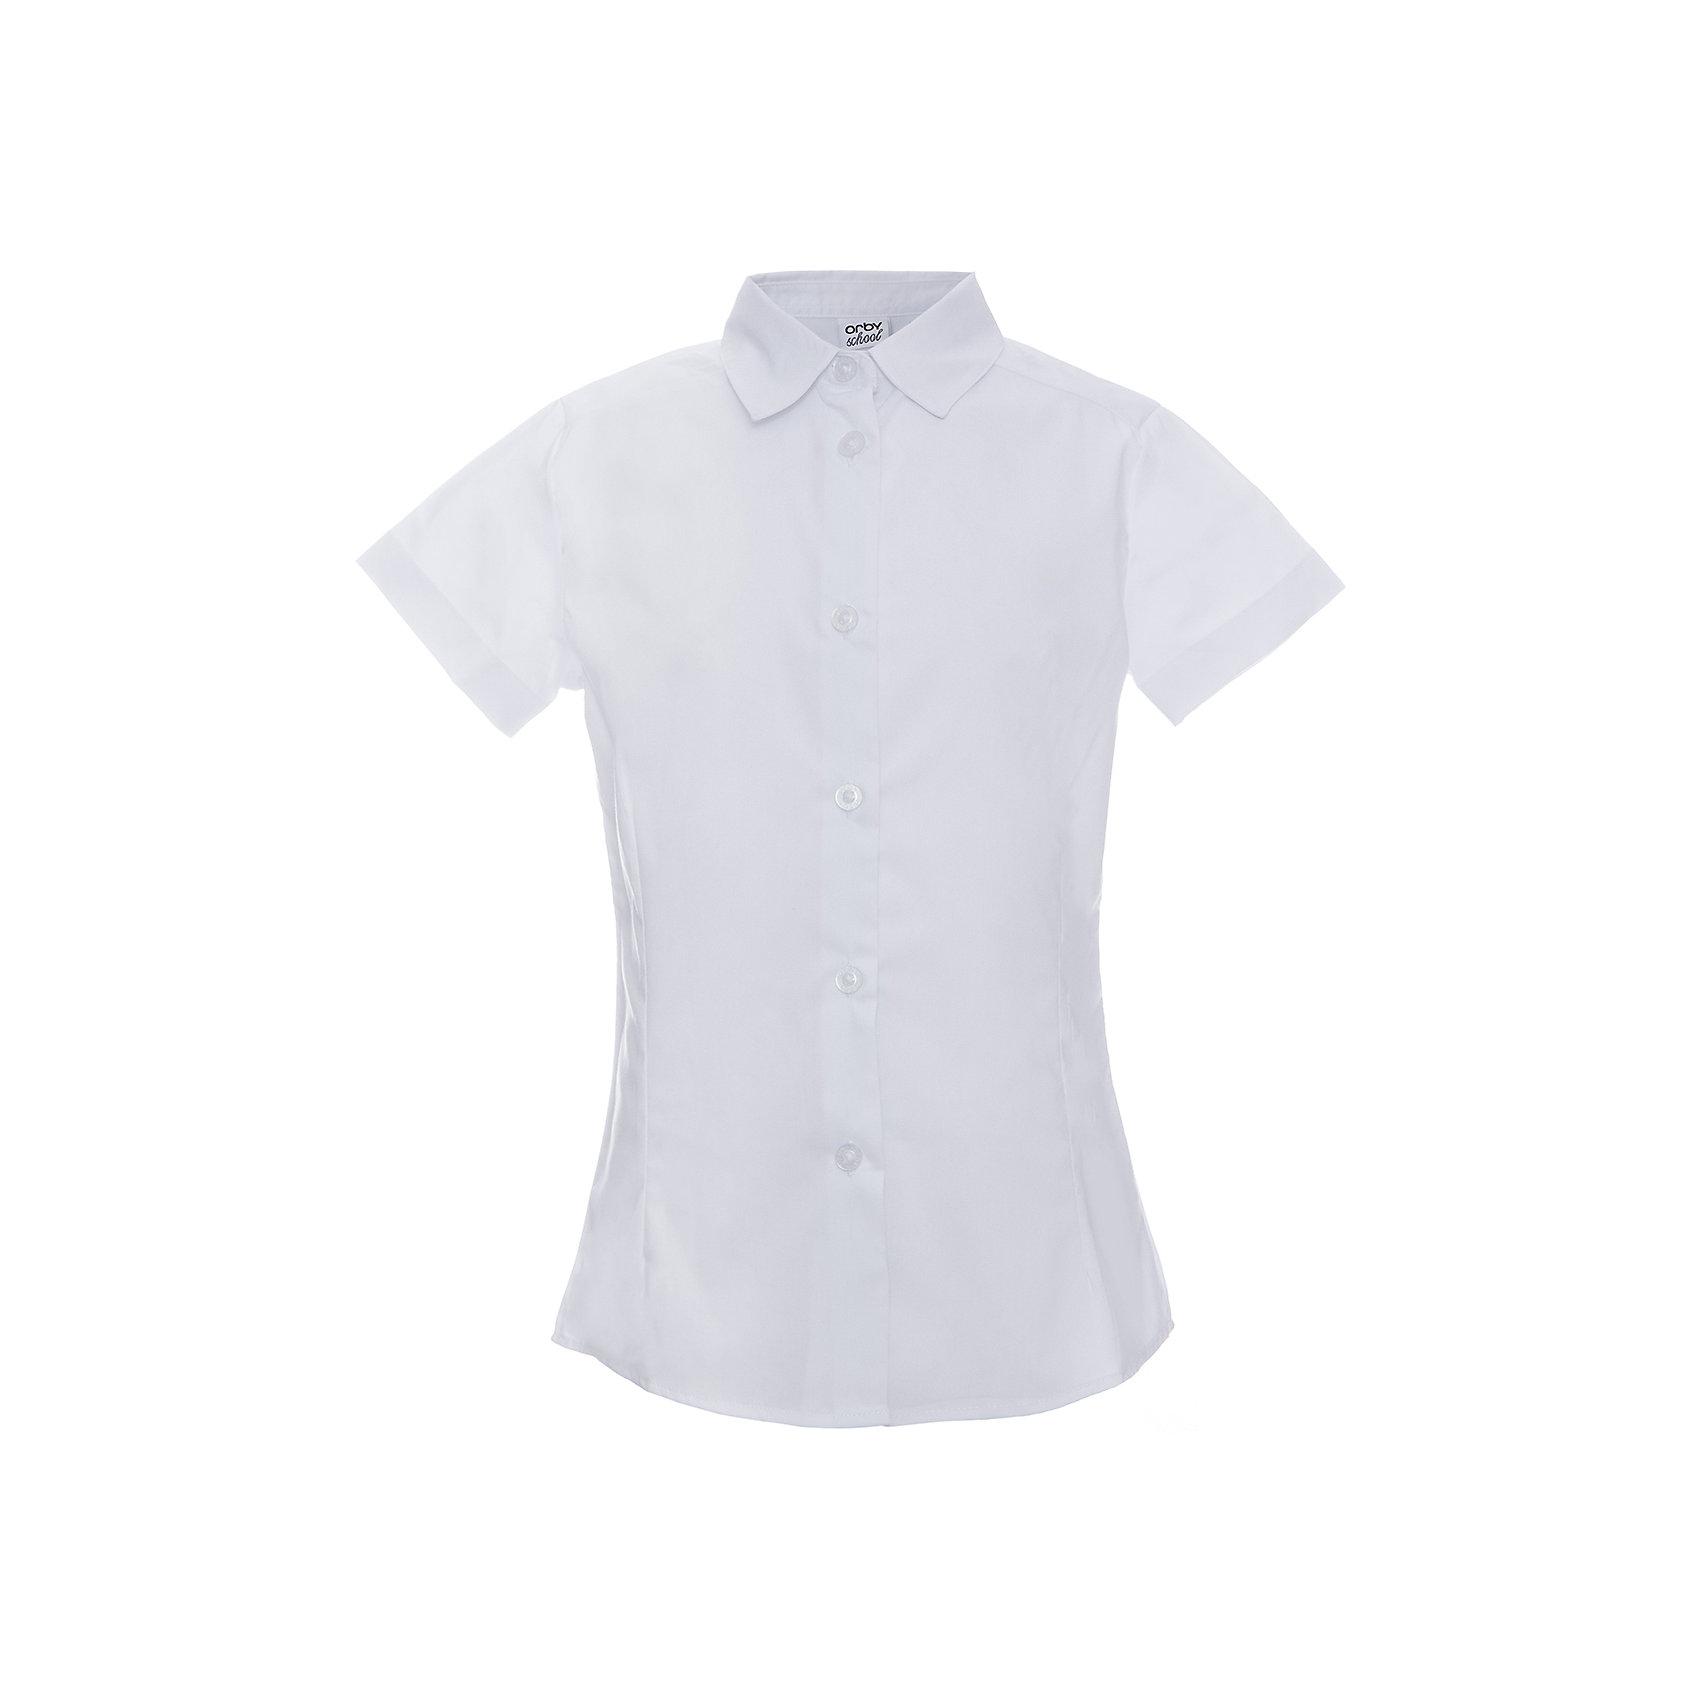 Блузка для девочки OrbyБлузки и рубашки<br>Характеристики товара:<br><br>• цвет: белый<br>• состав ткани: 66% ПЭ, 30% хлопок, 4%эластан<br>• особенности: школьная, праздничная<br>• короткие рукава<br>• застежка: пуговицы<br>• отложной воротник<br>• сезон: круглый год<br>• страна бренда: Россия<br>• страна изготовитель: Россия<br><br>Белая блузка для девочки Orby - базовая вещь гардероба. Такая блузка - отличный вариант практичной и стильной школьной одежды. <br><br>Белая школьная блузка с короткими рукавами поможет ребенку выглядеть стильно и соответствовать школьному дресс-коду.<br><br>Блузку для девочки Orby (Орби) можно купить в нашем интернет-магазине.<br><br>Ширина мм: 186<br>Глубина мм: 87<br>Высота мм: 198<br>Вес г: 197<br>Цвет: белый<br>Возраст от месяцев: 72<br>Возраст до месяцев: 84<br>Пол: Женский<br>Возраст: Детский<br>Размер: 146,140,134,128,122,170,164,158,152<br>SKU: 6960297